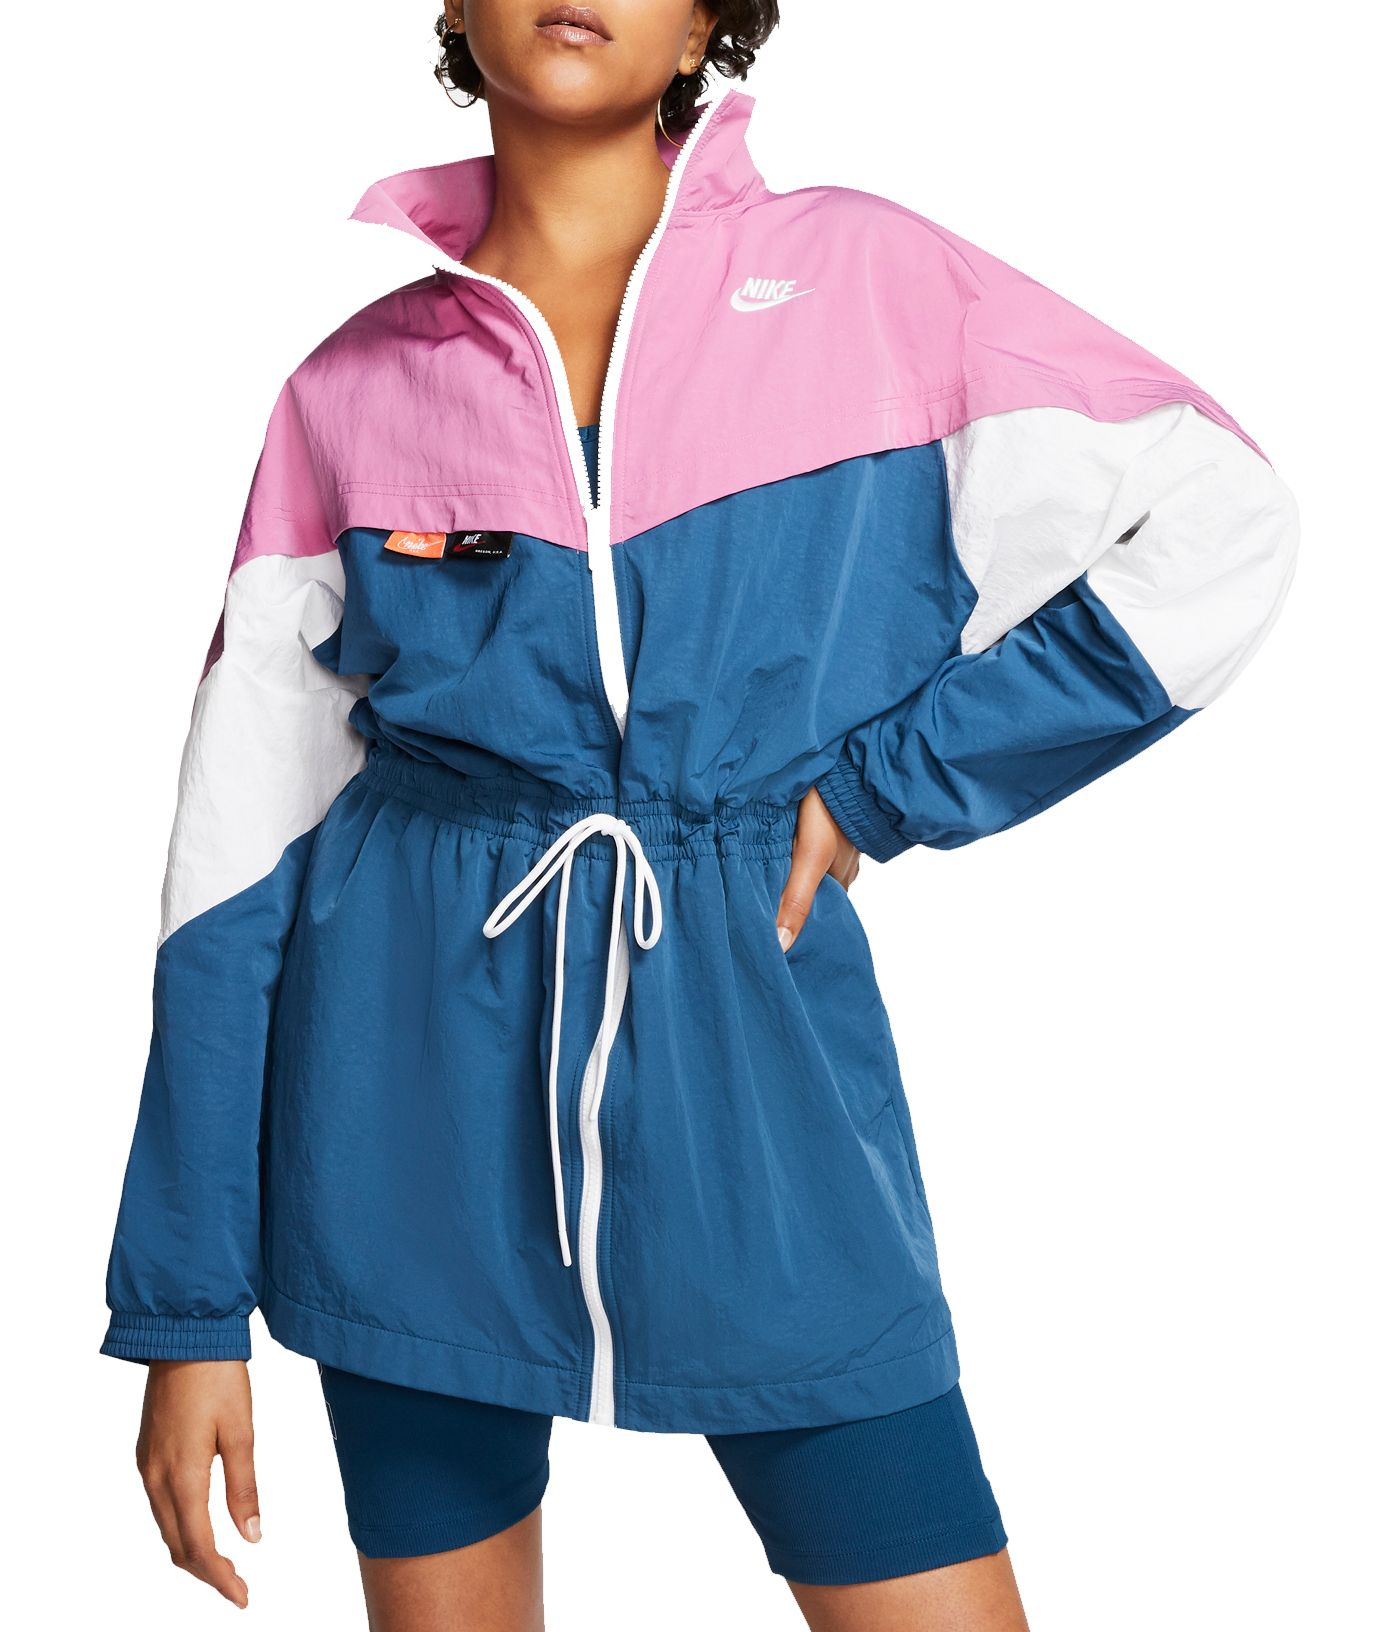 Nike Sportswear Women's Woven Track Jacket